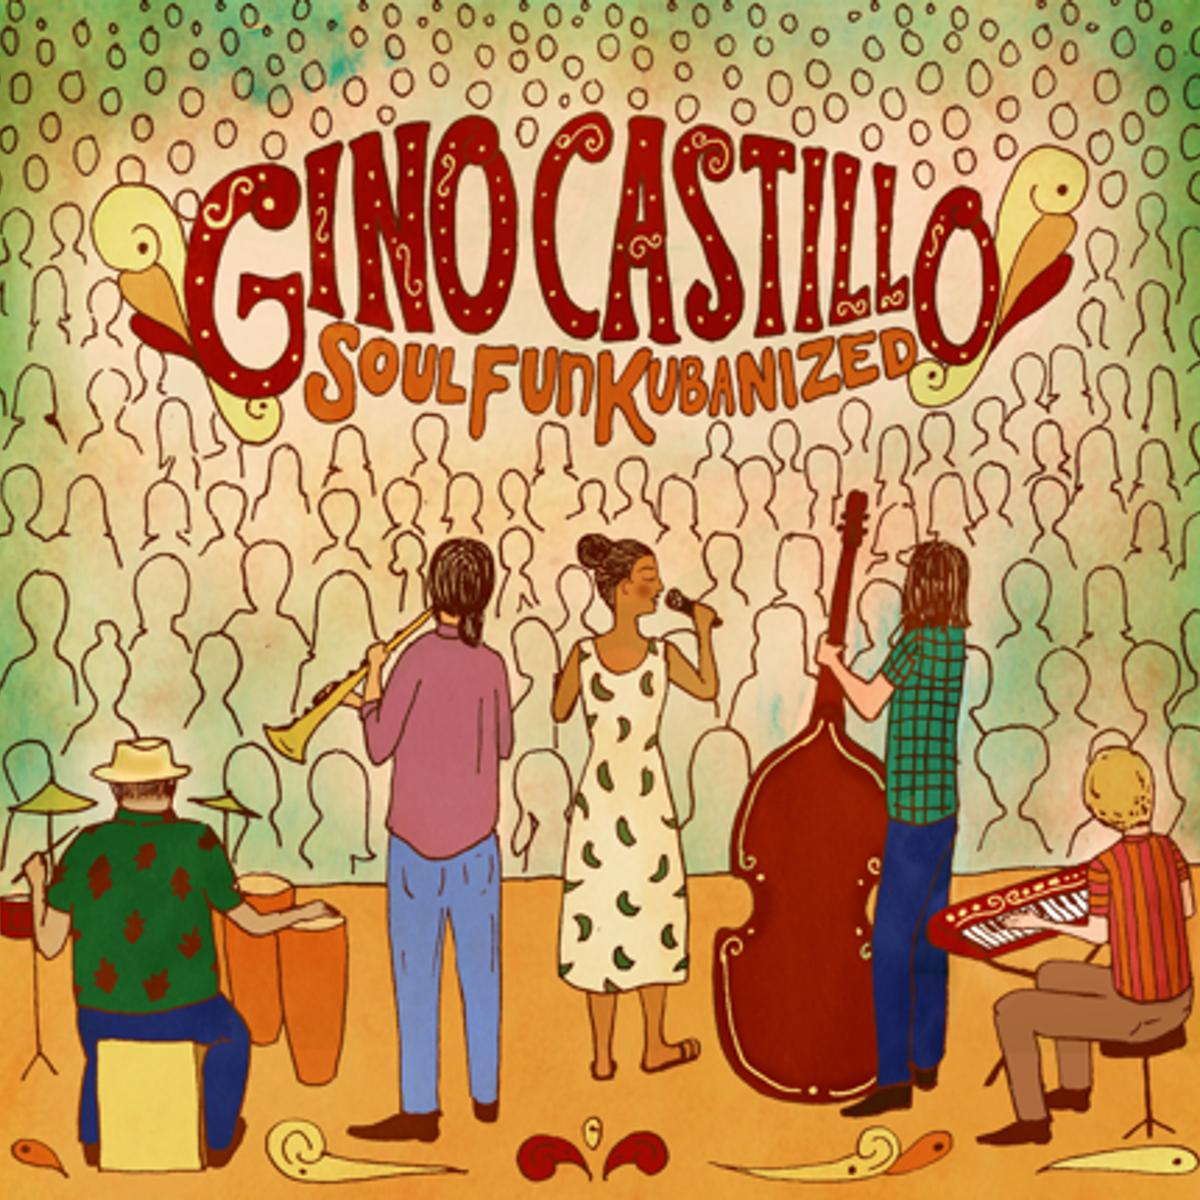 SoulFunKubanized - Gino Castillo